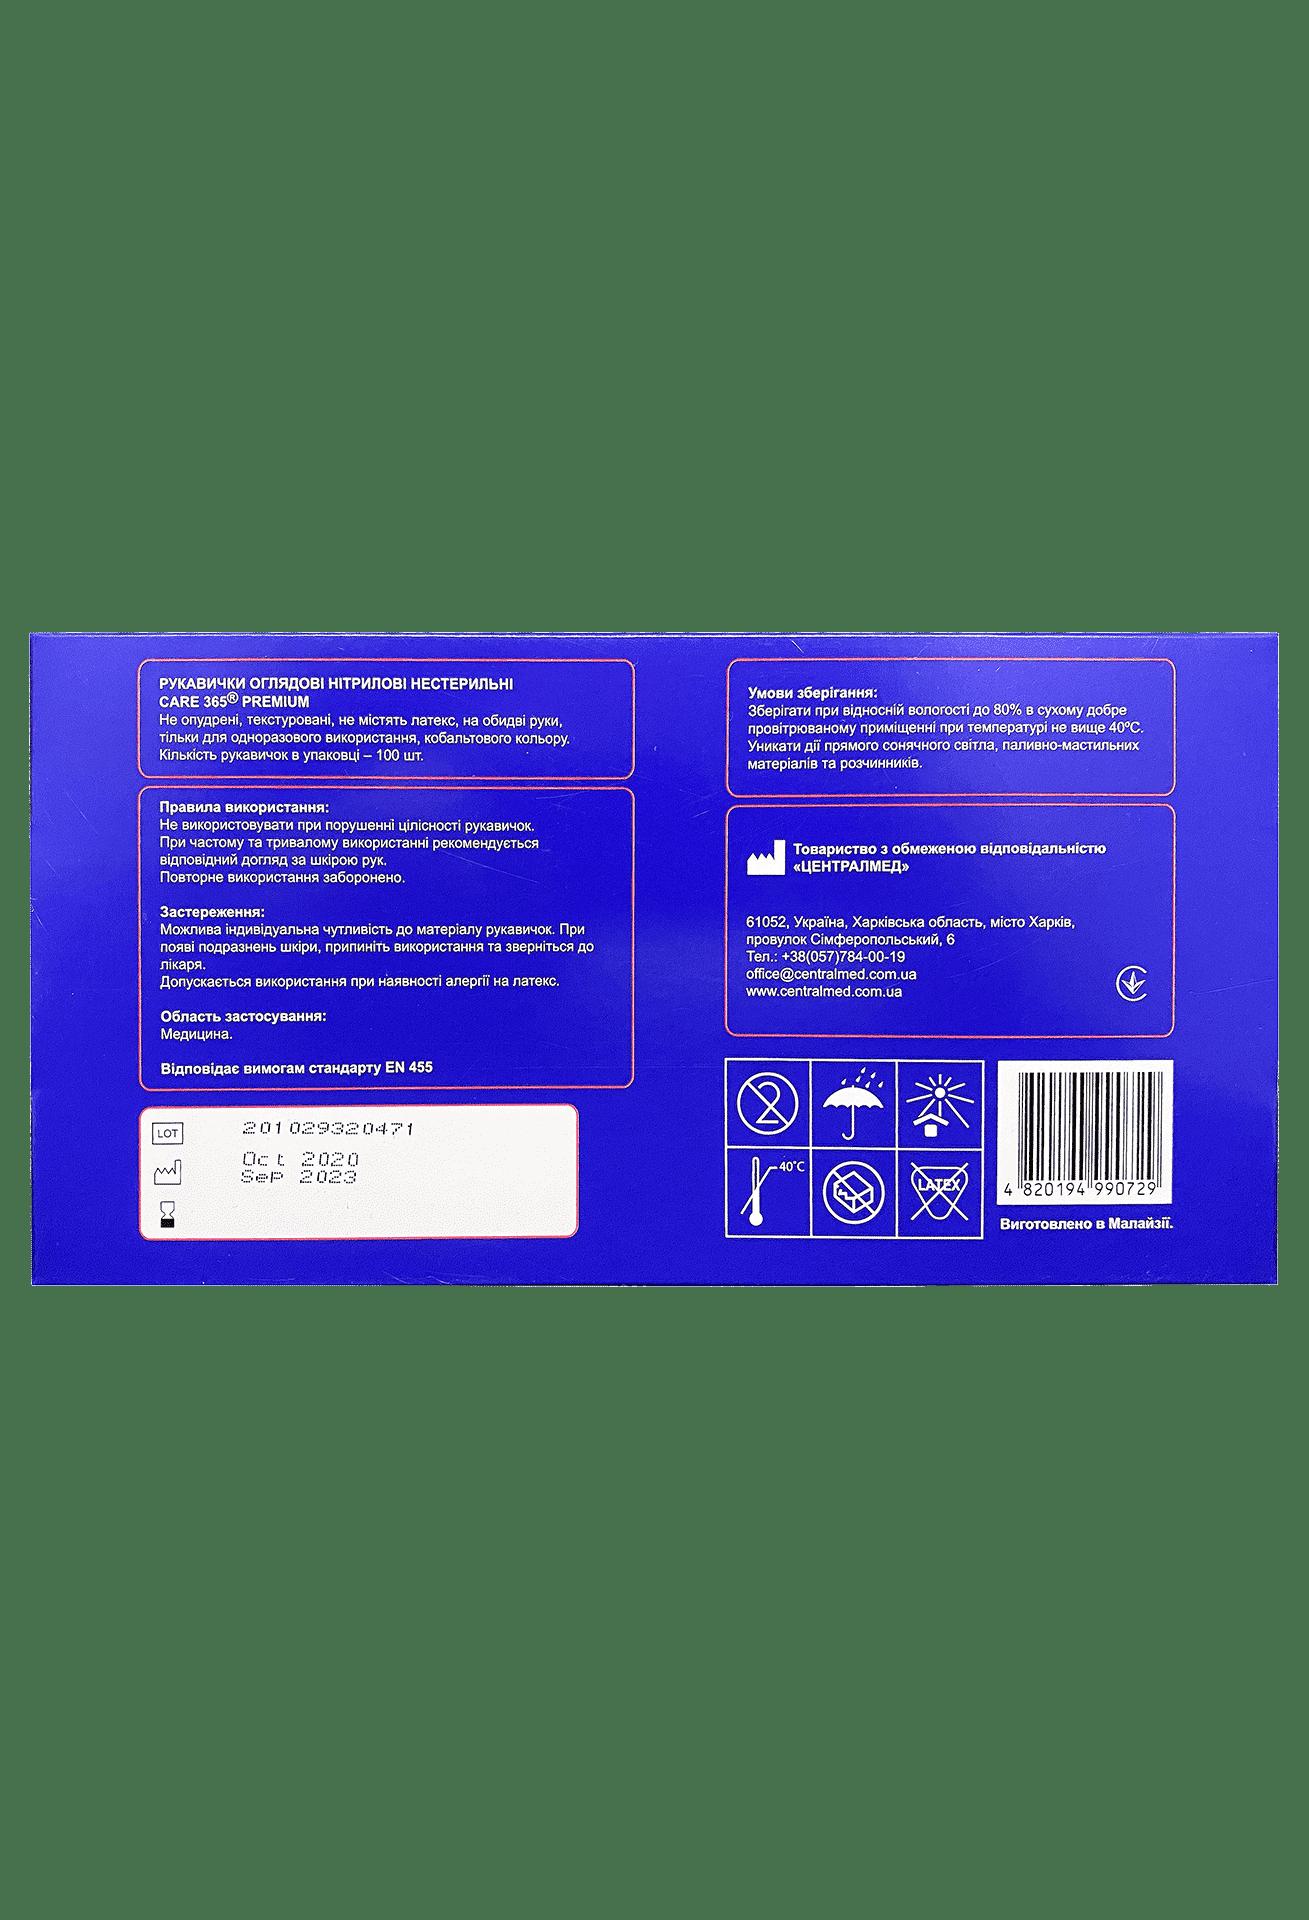 Рукавички нітрилові неопудрені Care 365, L (100шт.)